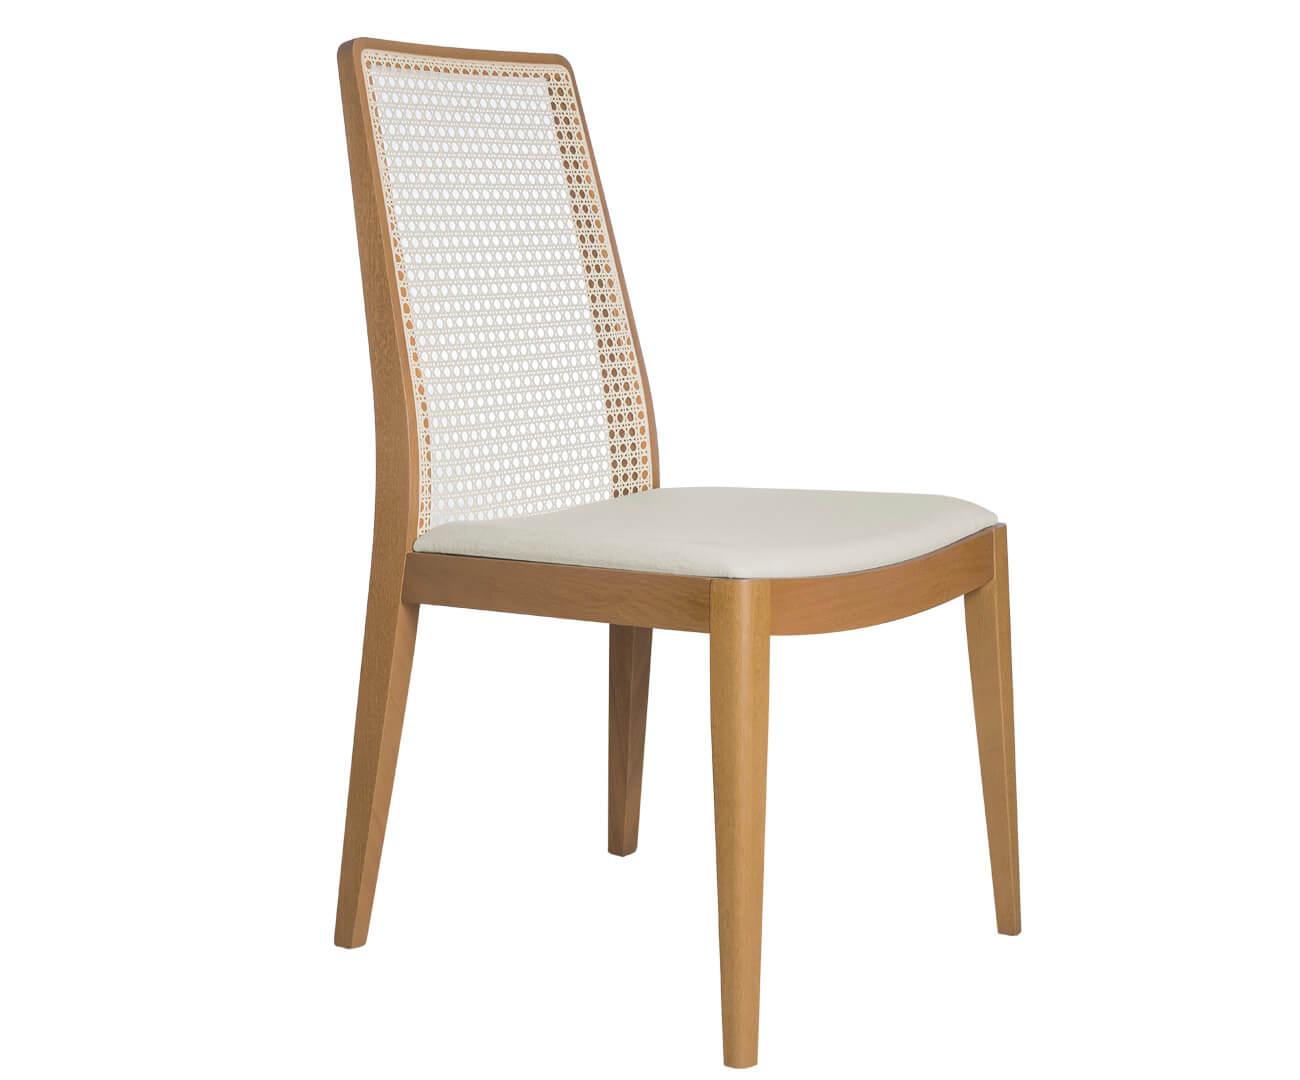 cadeira em palha natural bene 1086